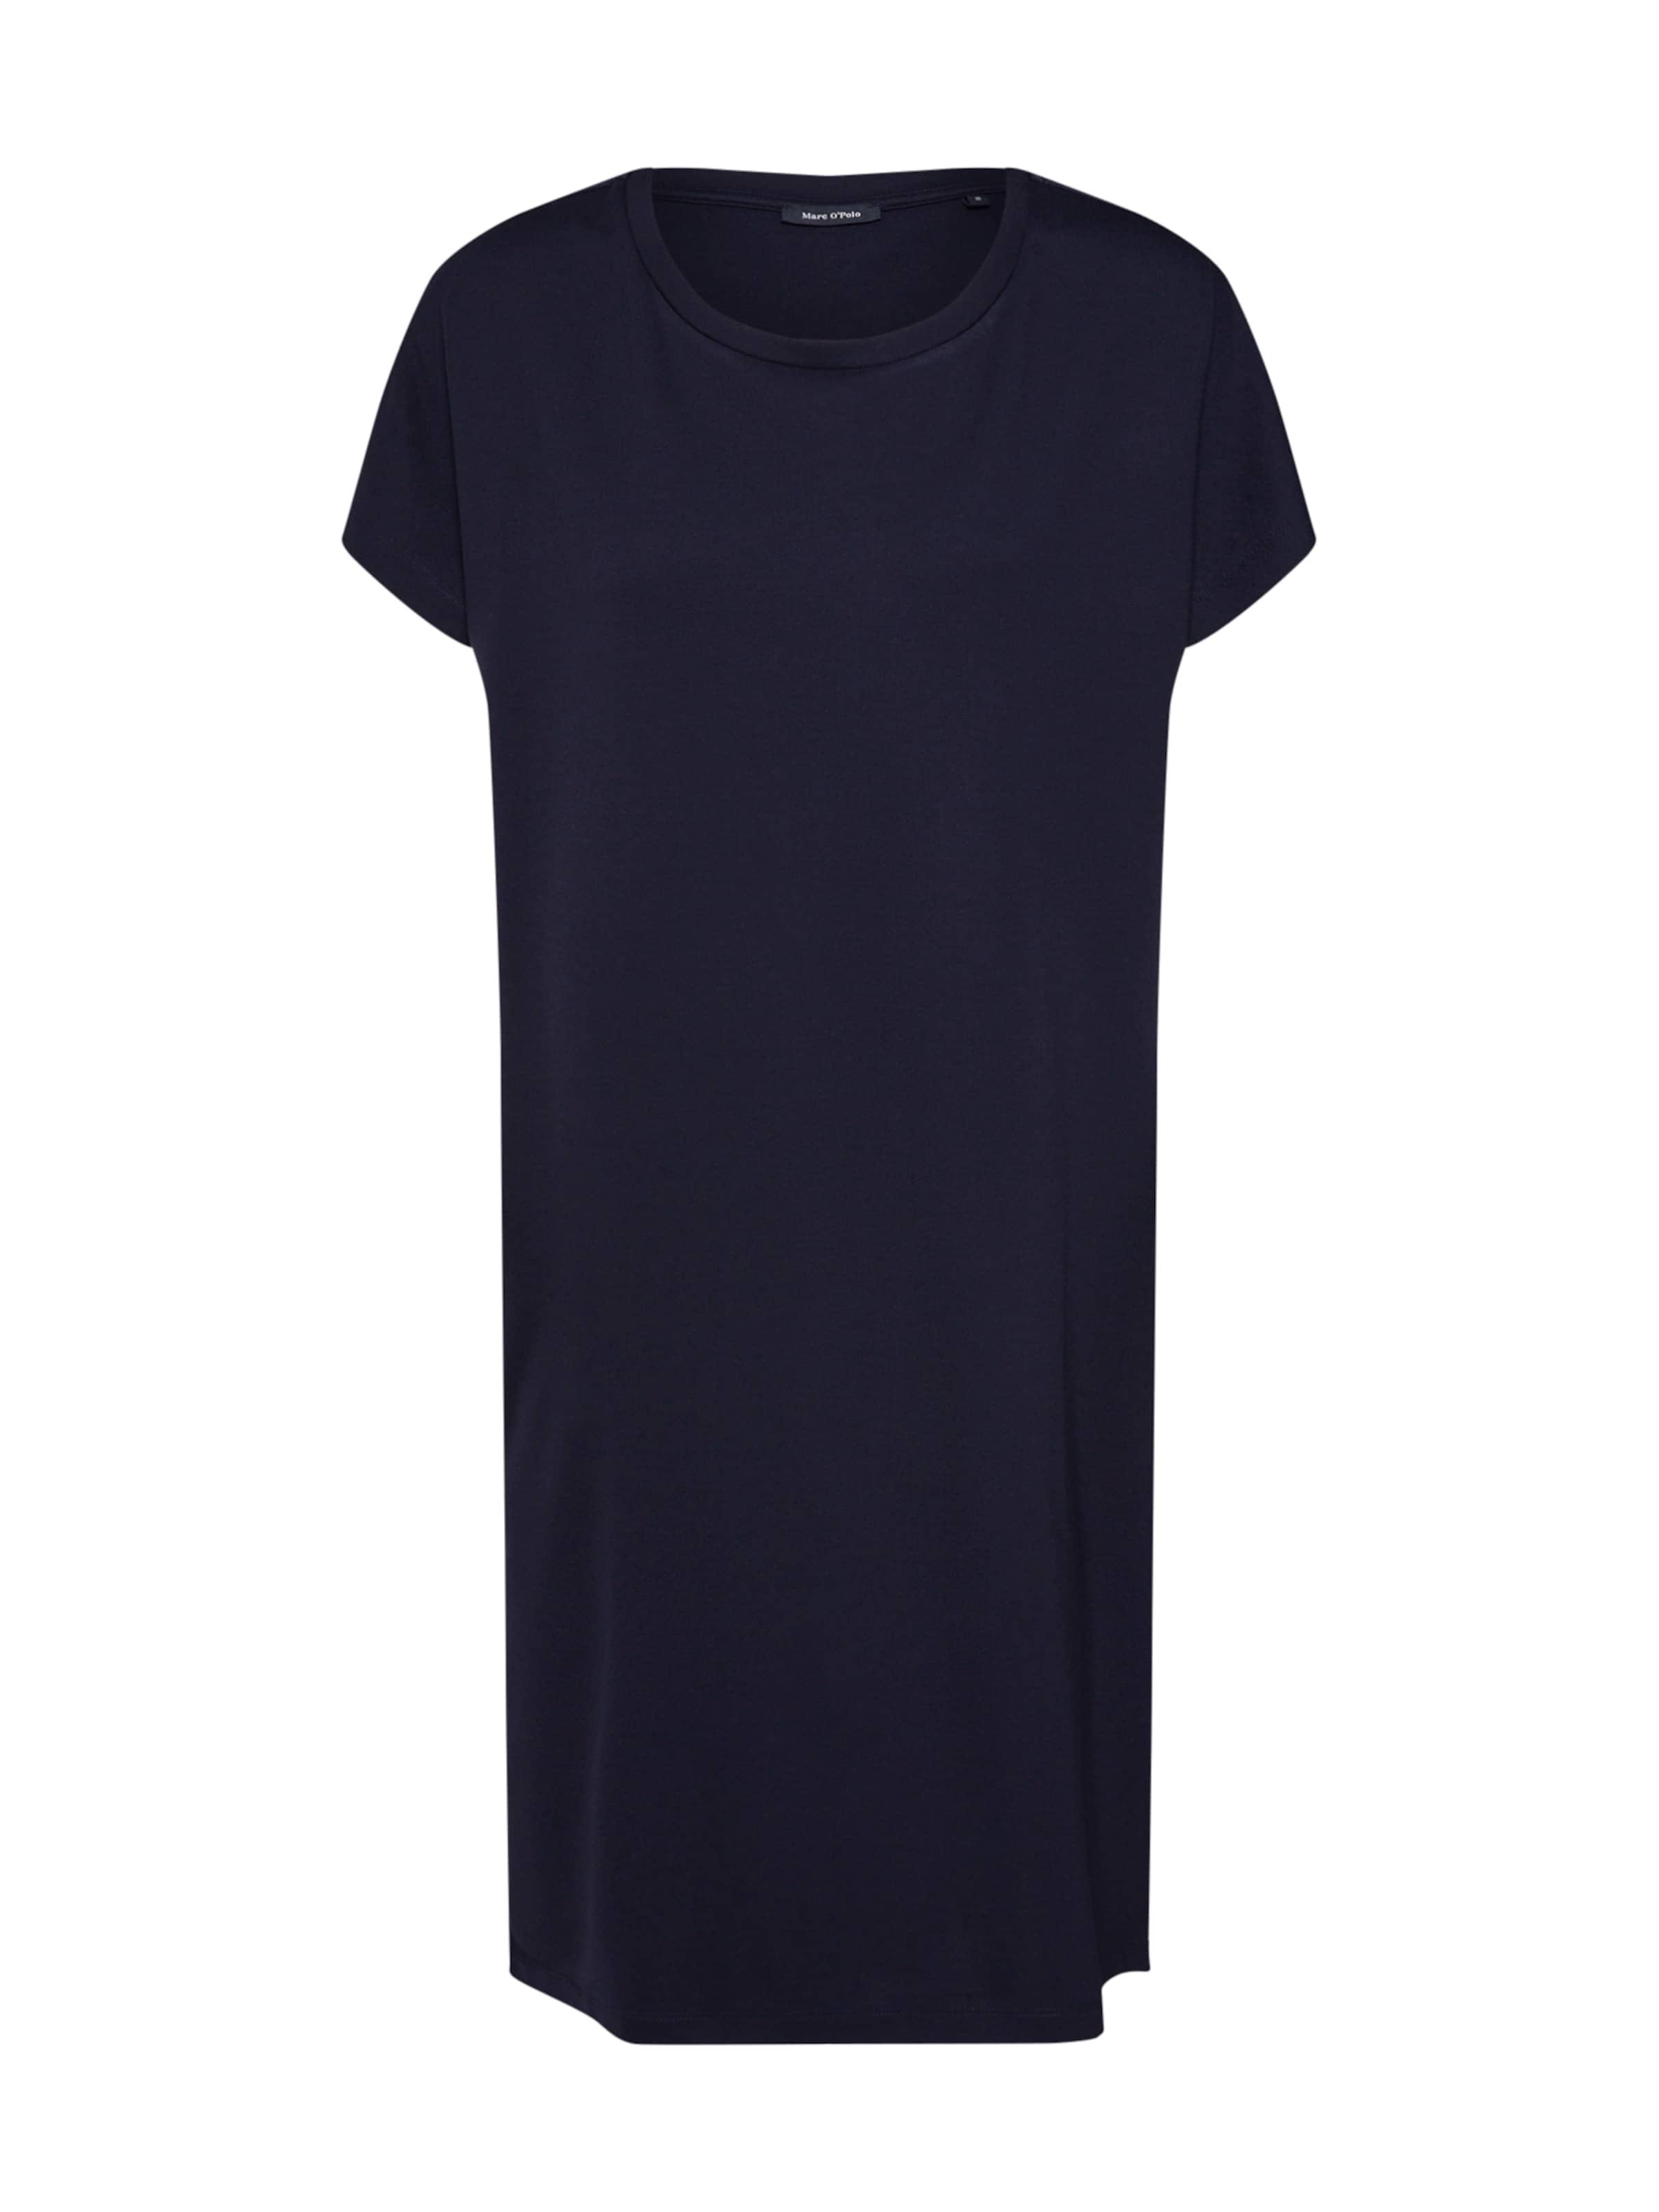 Kleid Nachtblau Marc O'polo In hxtsdrCQ